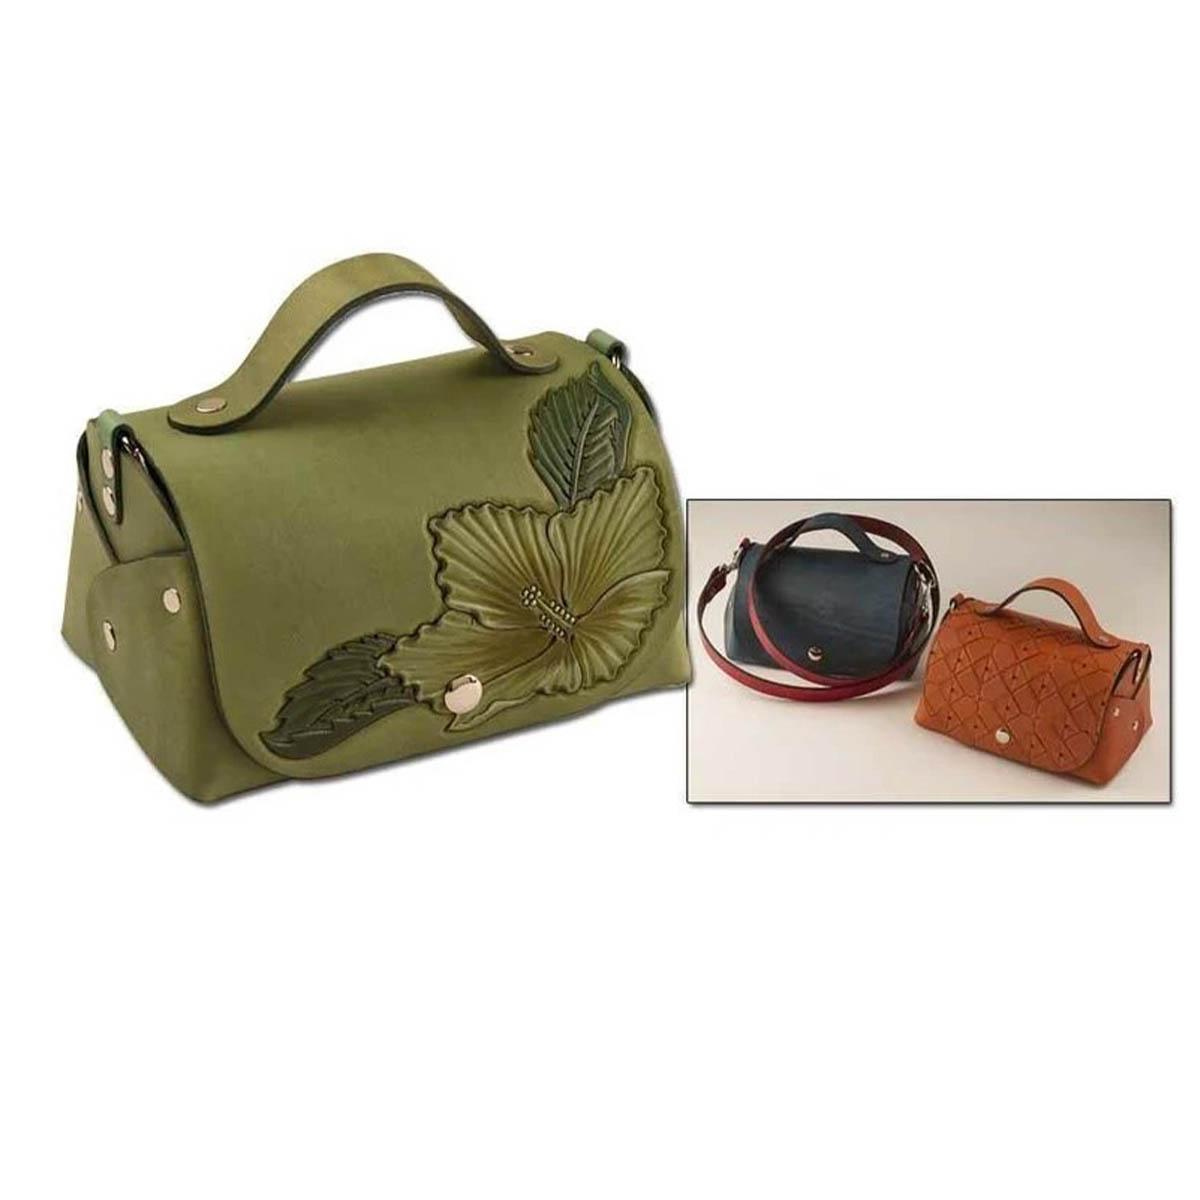 Kit pour petit sac à main AVERY en cuir - 44325